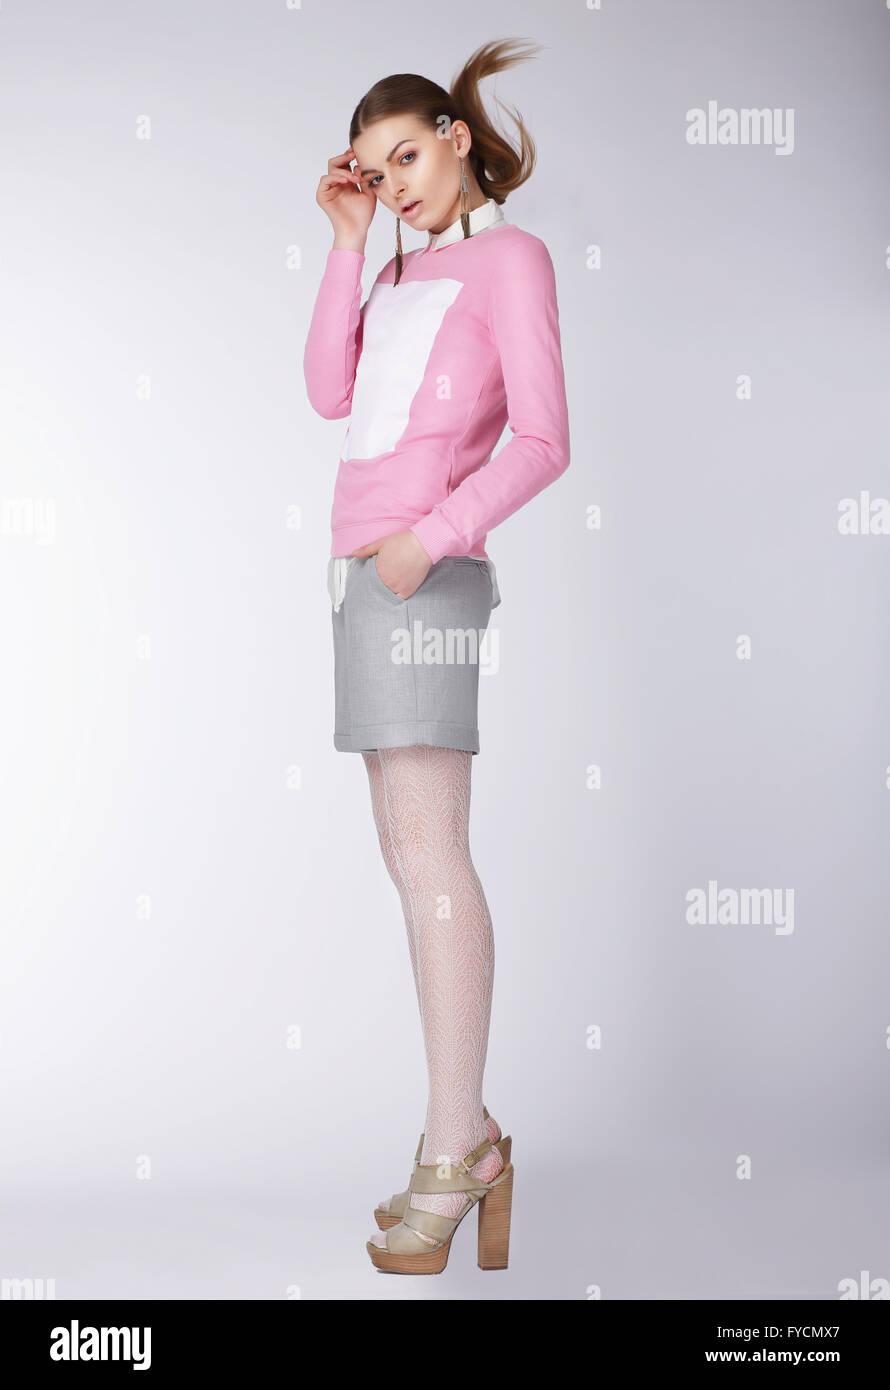 Junge Frau trägt Freizeitkleidung posiert im Studio. Volle Länge. Stockfoto